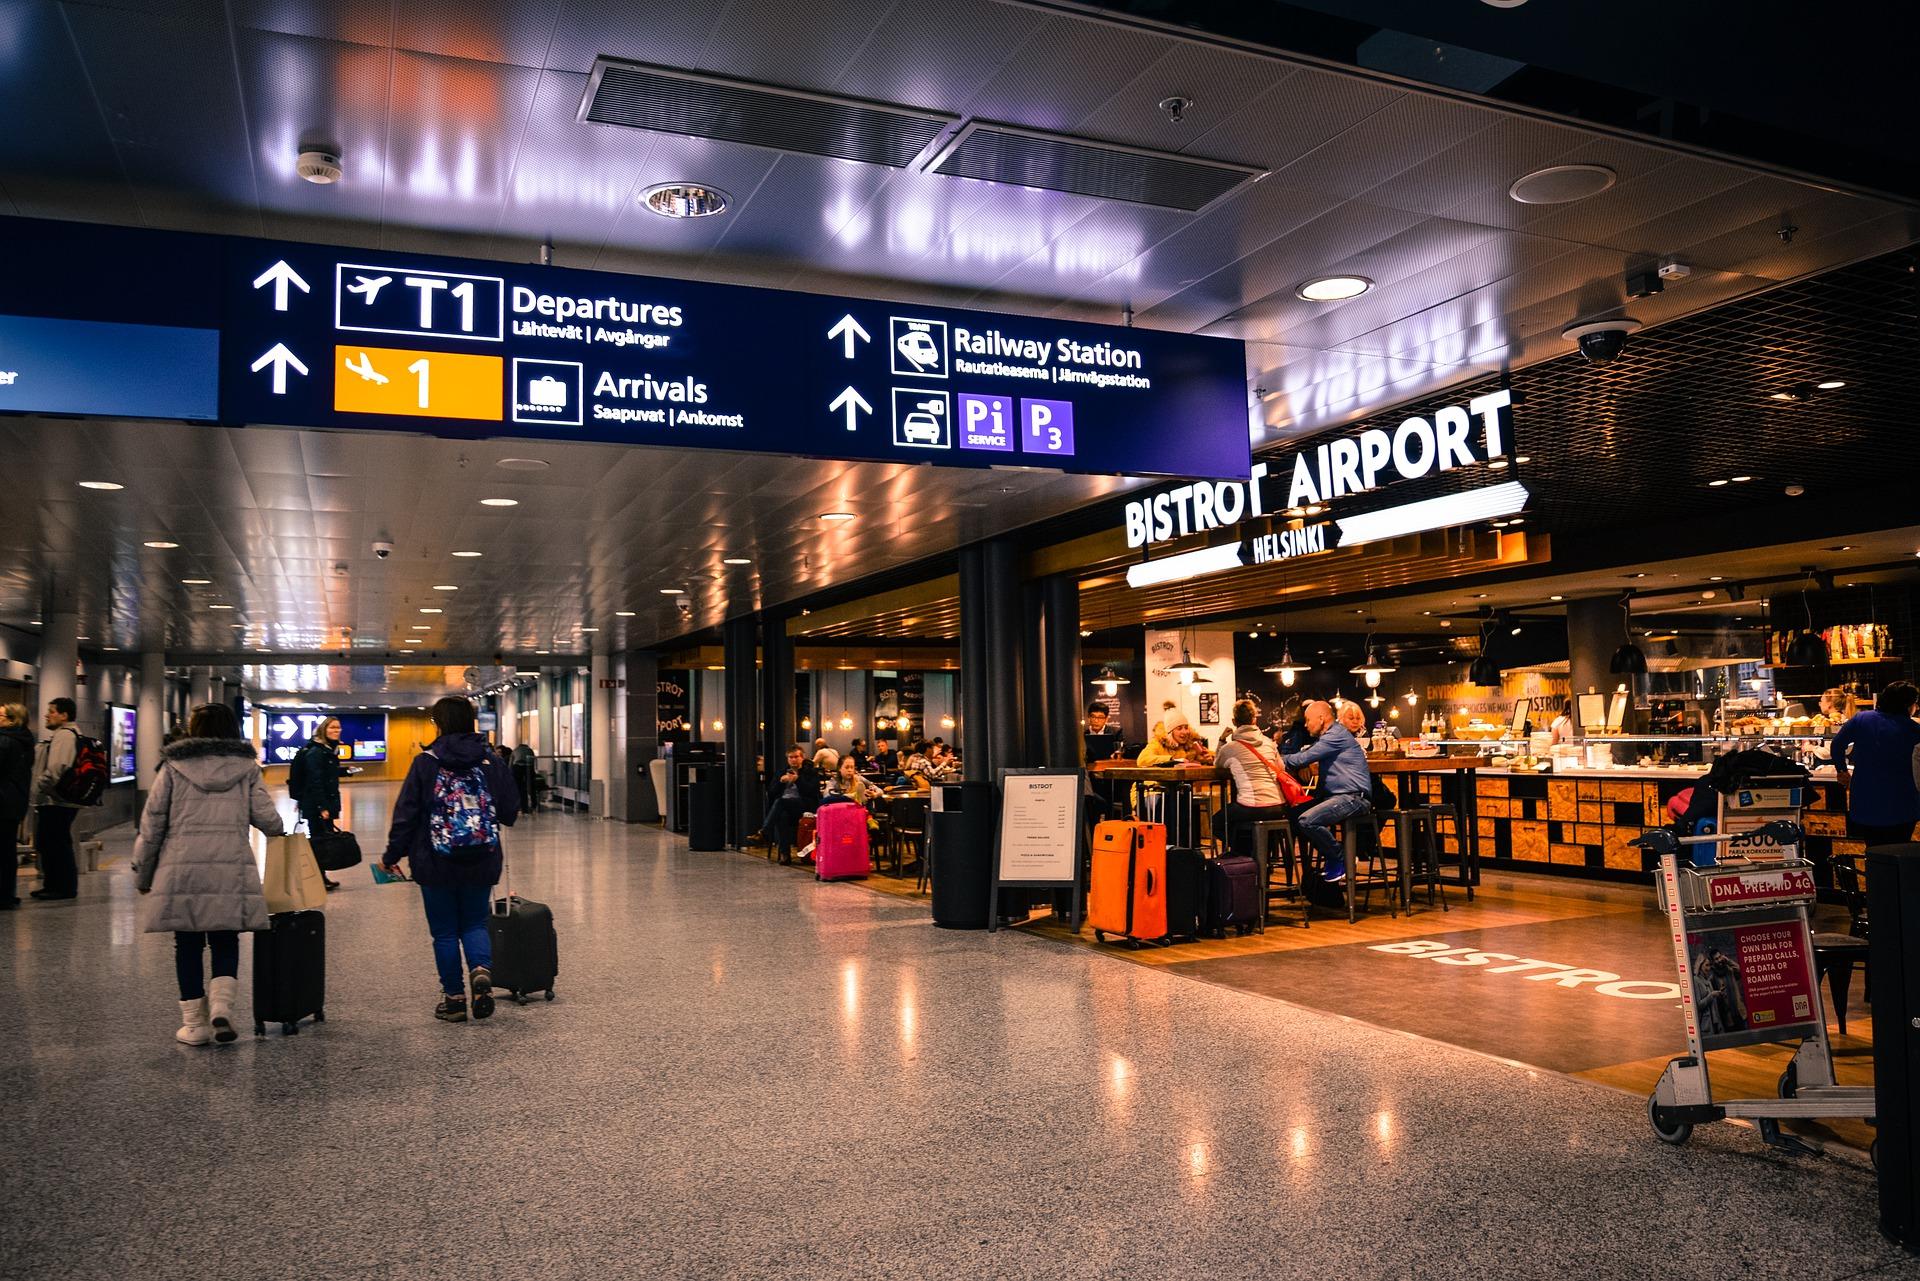 Firecon Group mukana toteuttamassa Helsinki-Vantaan lentoaseman mittavaa laajennushanketta